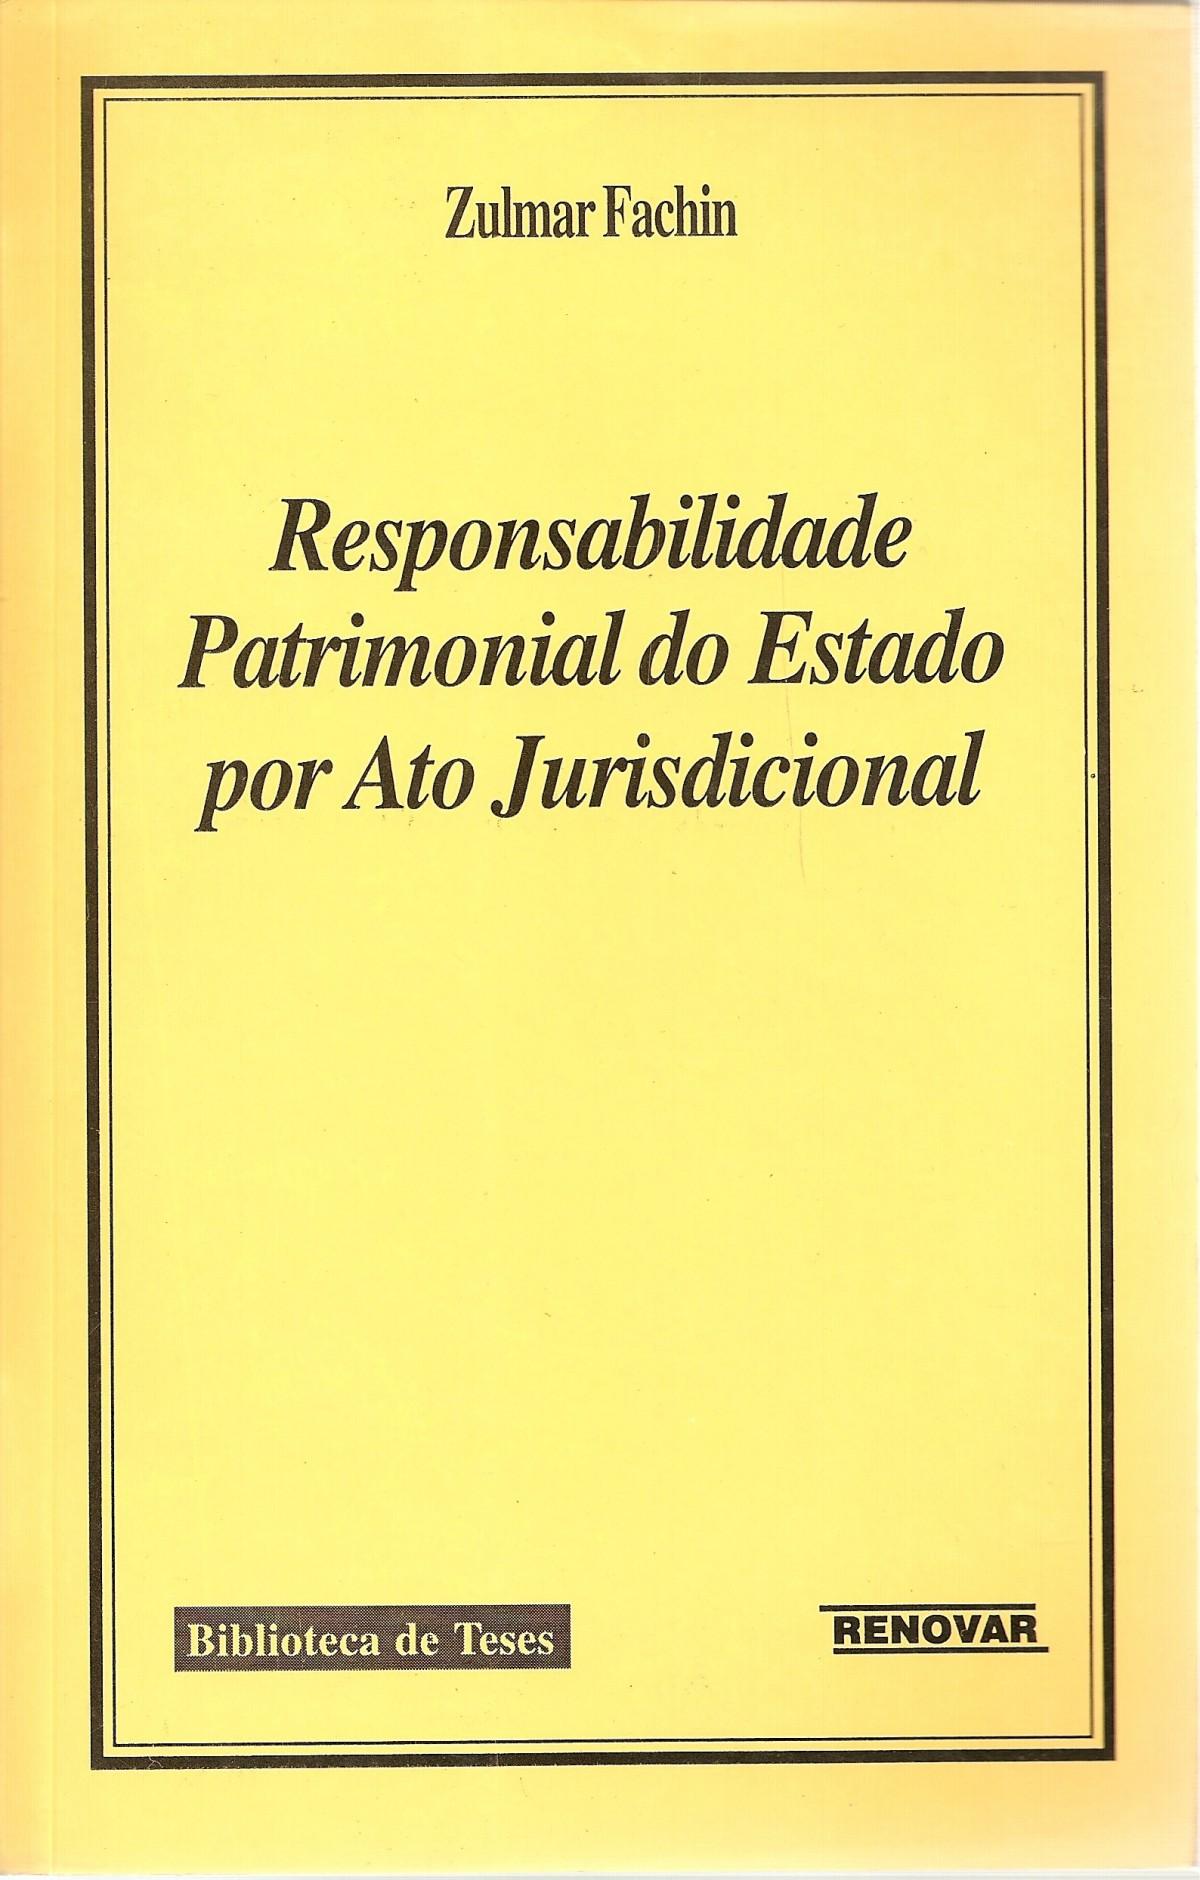 Foto 1 - Responsabilidade Patrimonial do Estado por Ato Jurisdicional